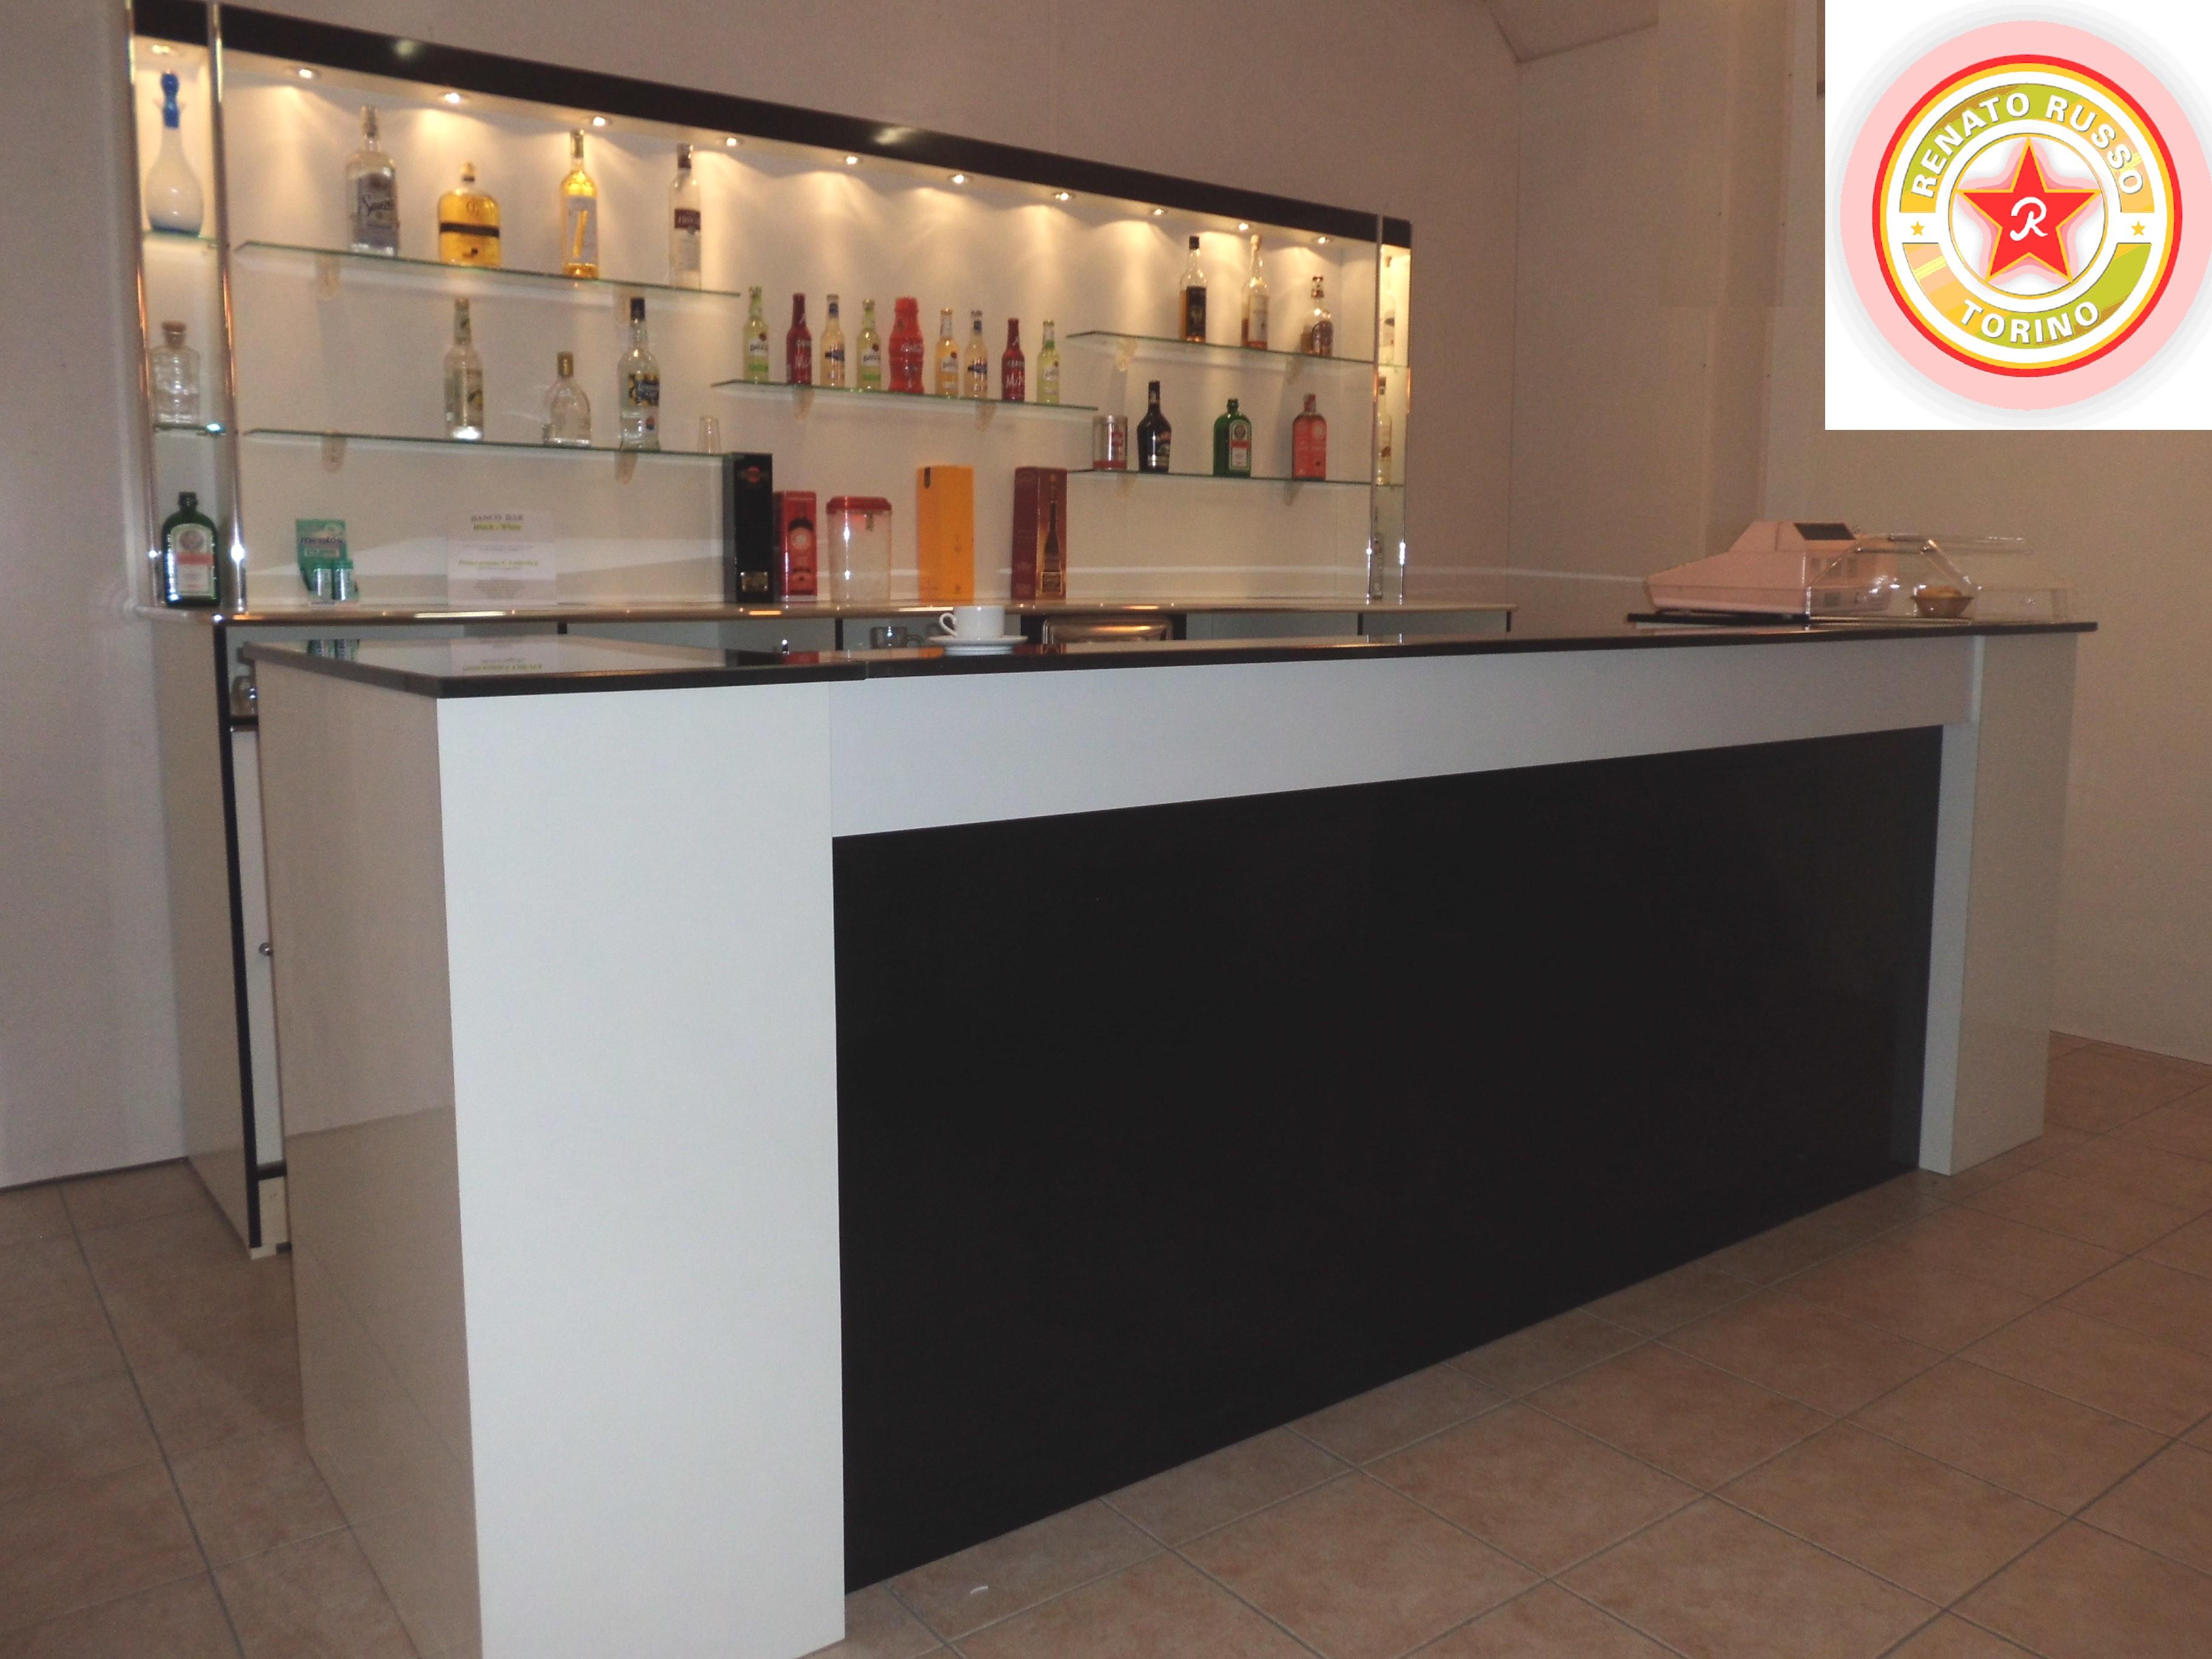 Banco bar bologna compra in fabbrica banconi bar for Usato bancone bar